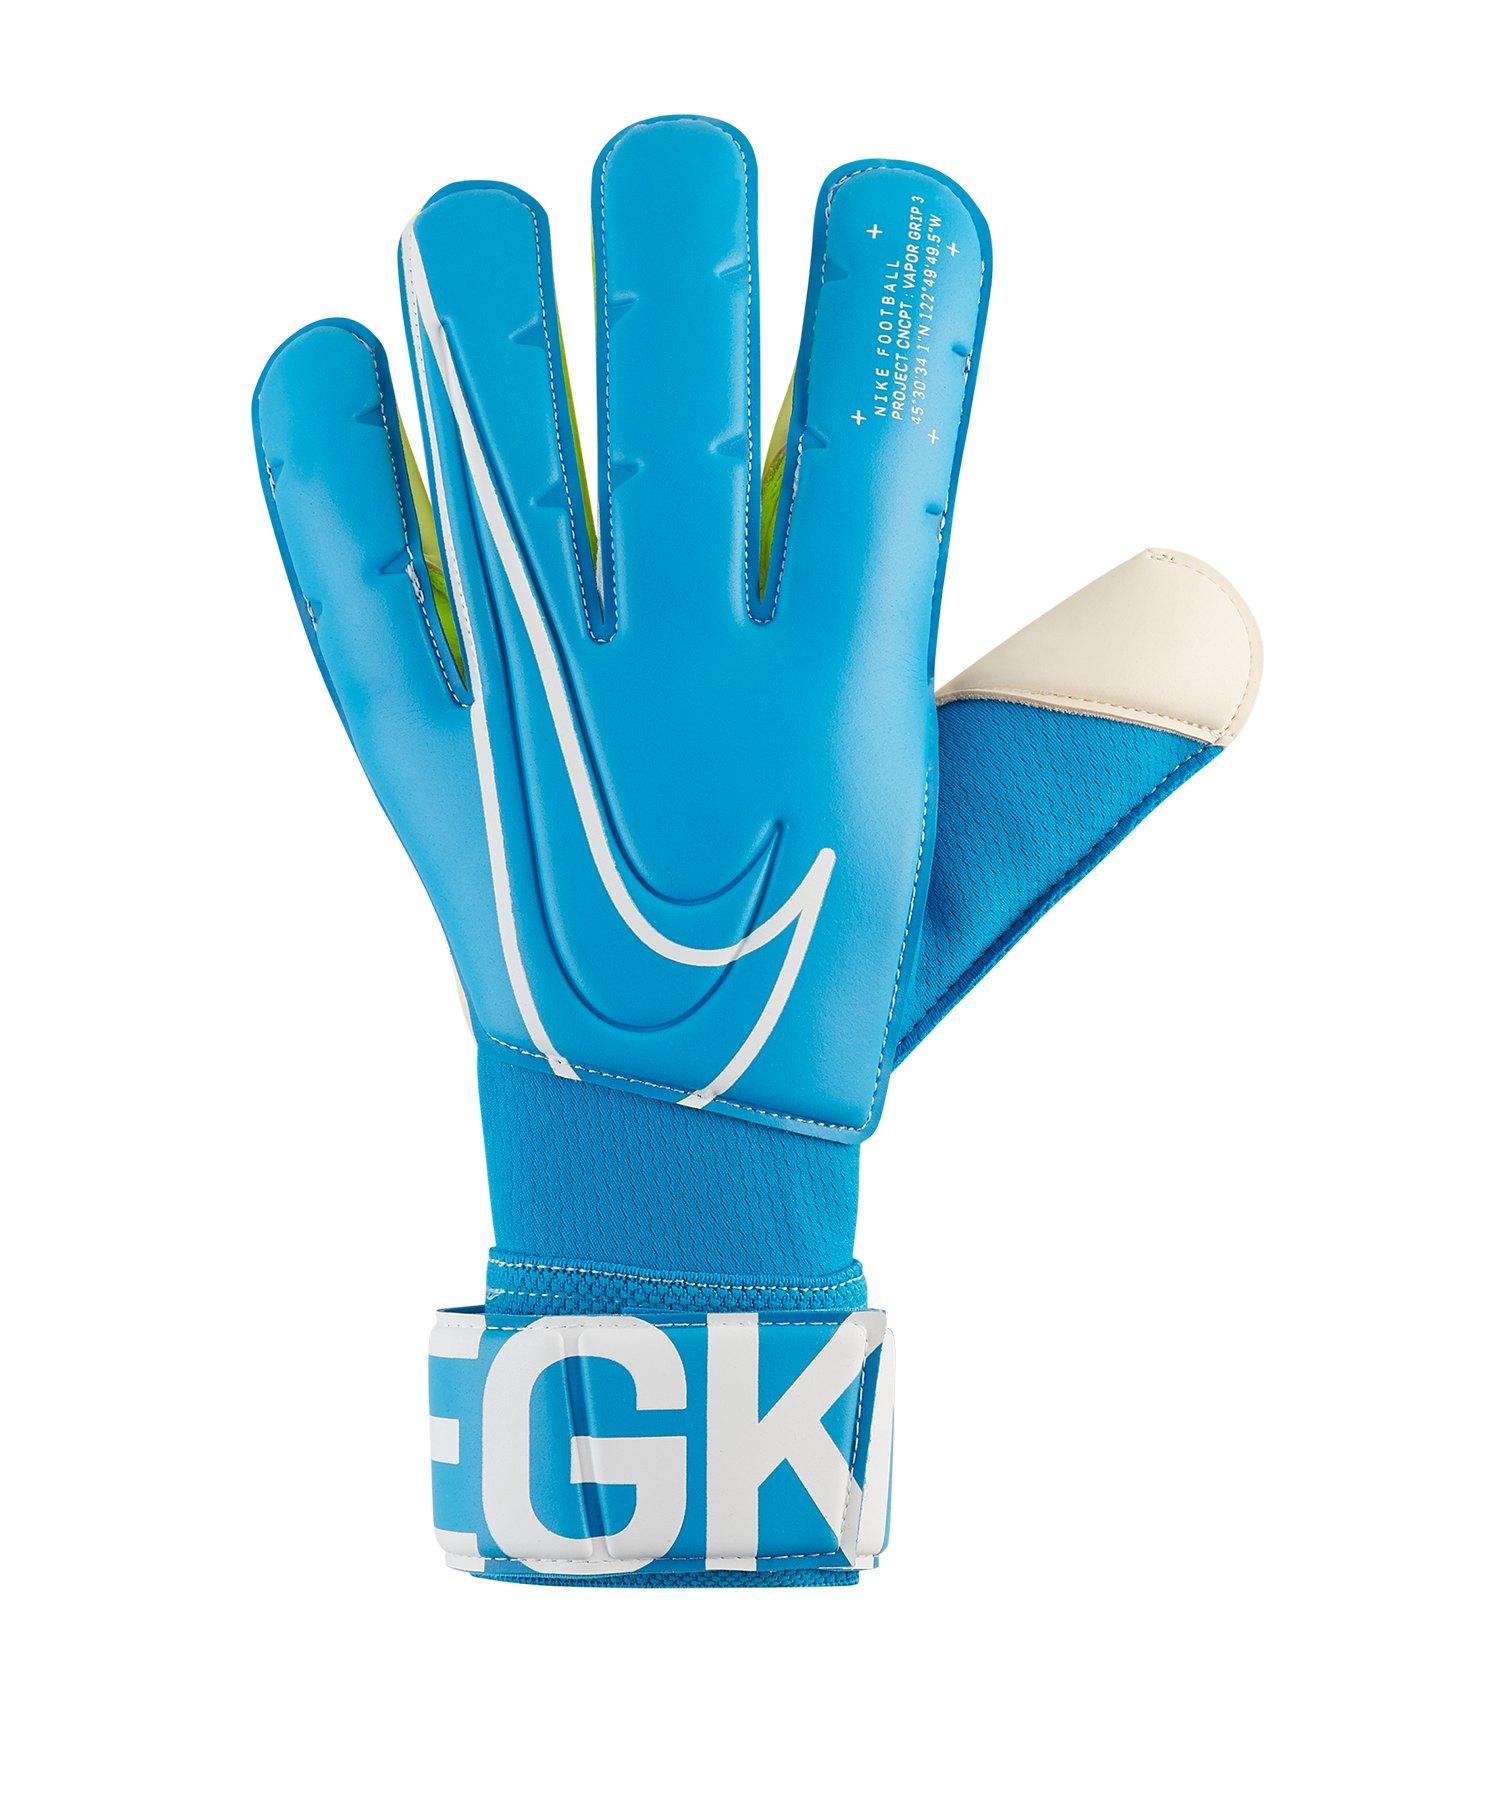 Nike Vapor Grip 3 Torwarthandschuh Blau F486 - blau